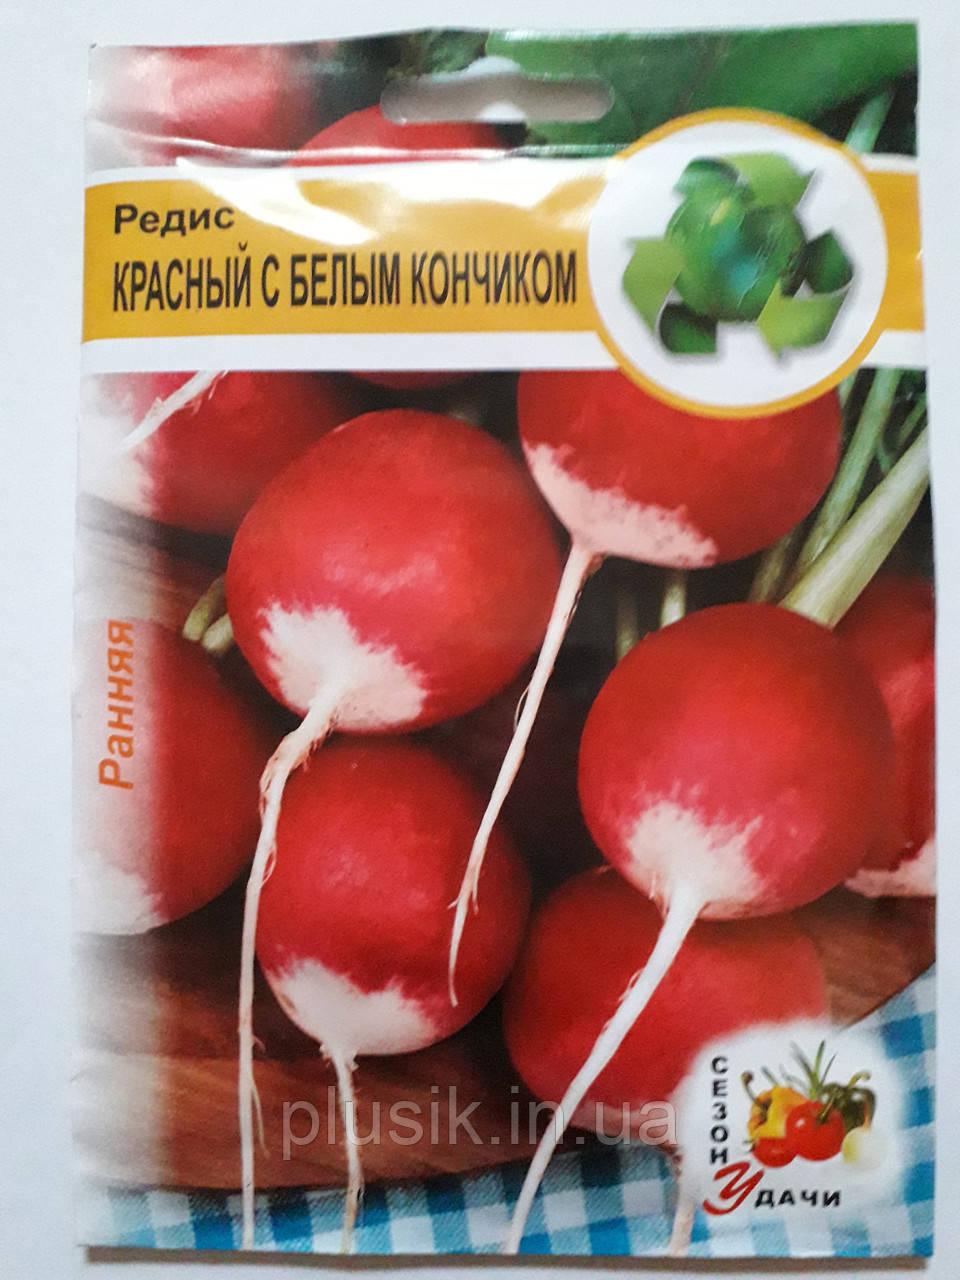 Редис Червоний з білим кінчиком 3 р ранній (мінімальне замовлення 25 пачок)